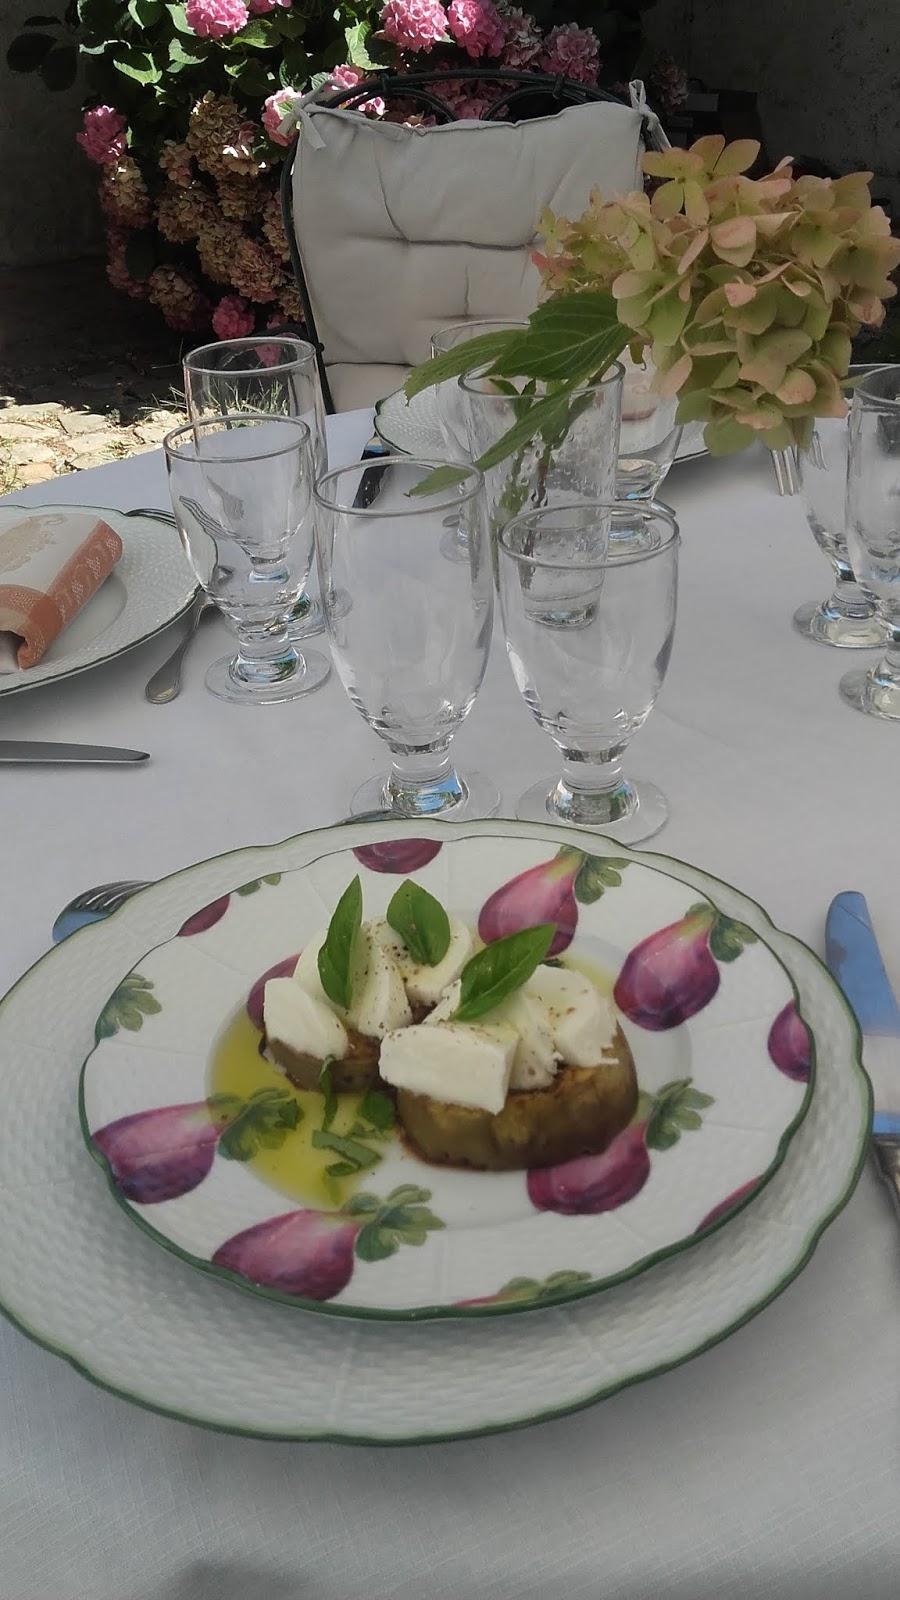 Même Pour Un Déjeuner Ordinaire J En Profite Toujours Dresser Une Très Belle Table Avec Menu De Saison